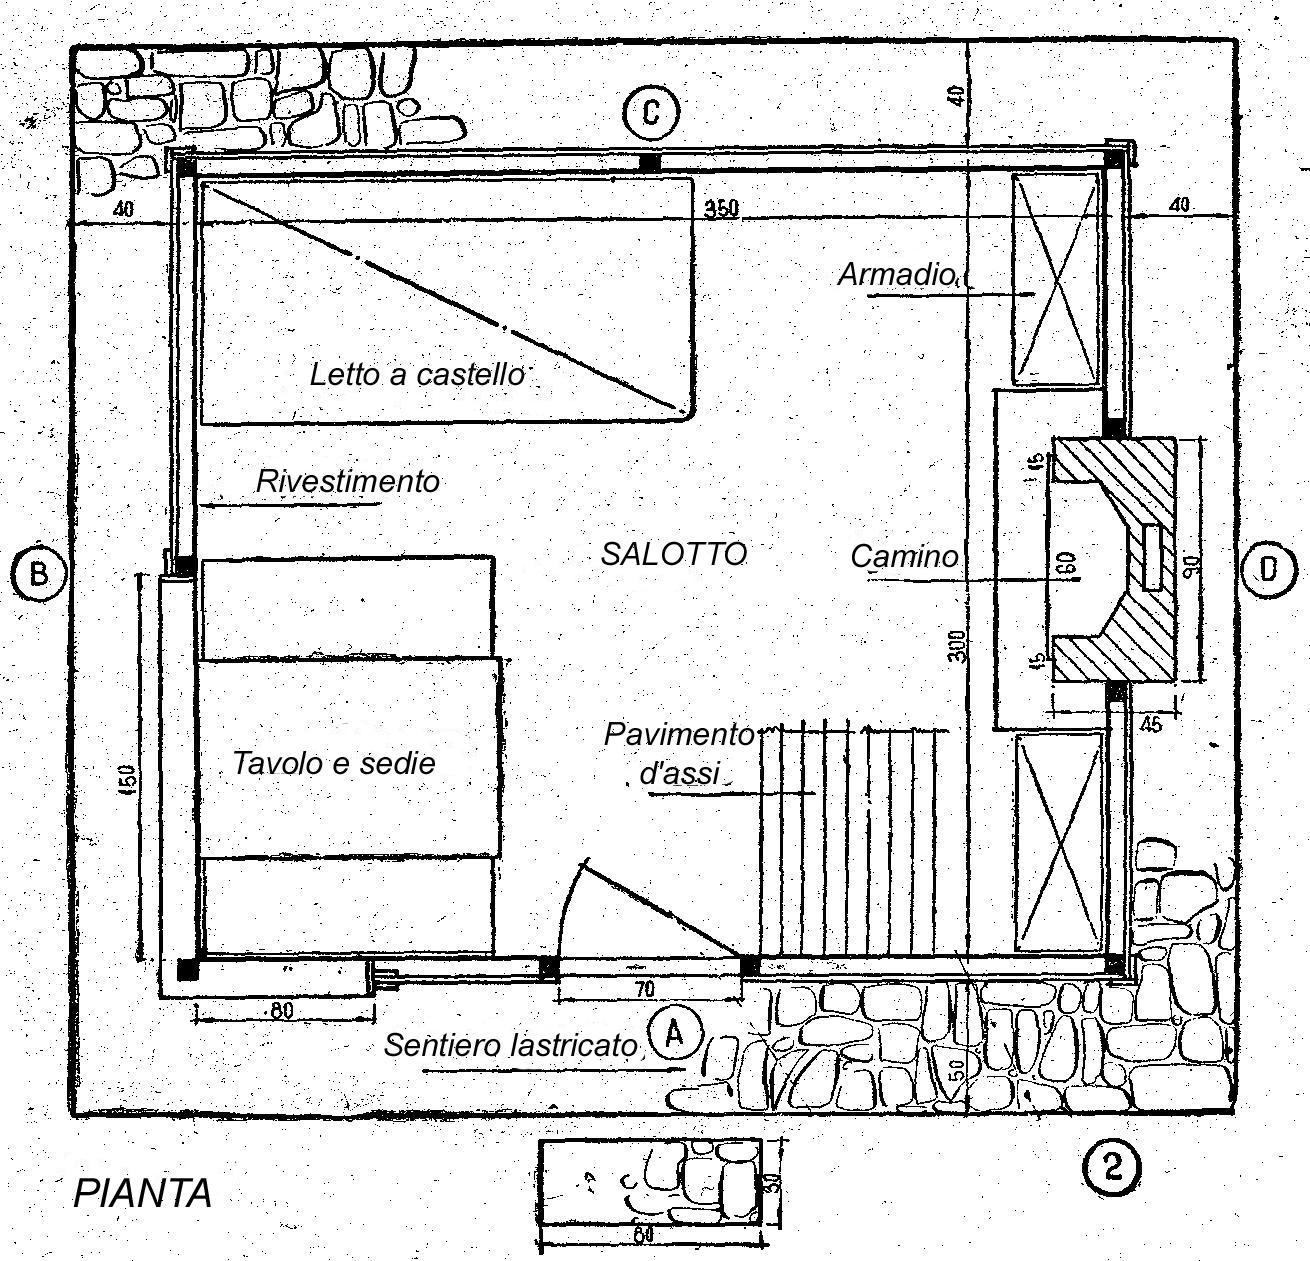 Come costruire una casa di legno piccola ed espandibile - Costruire la casa ...